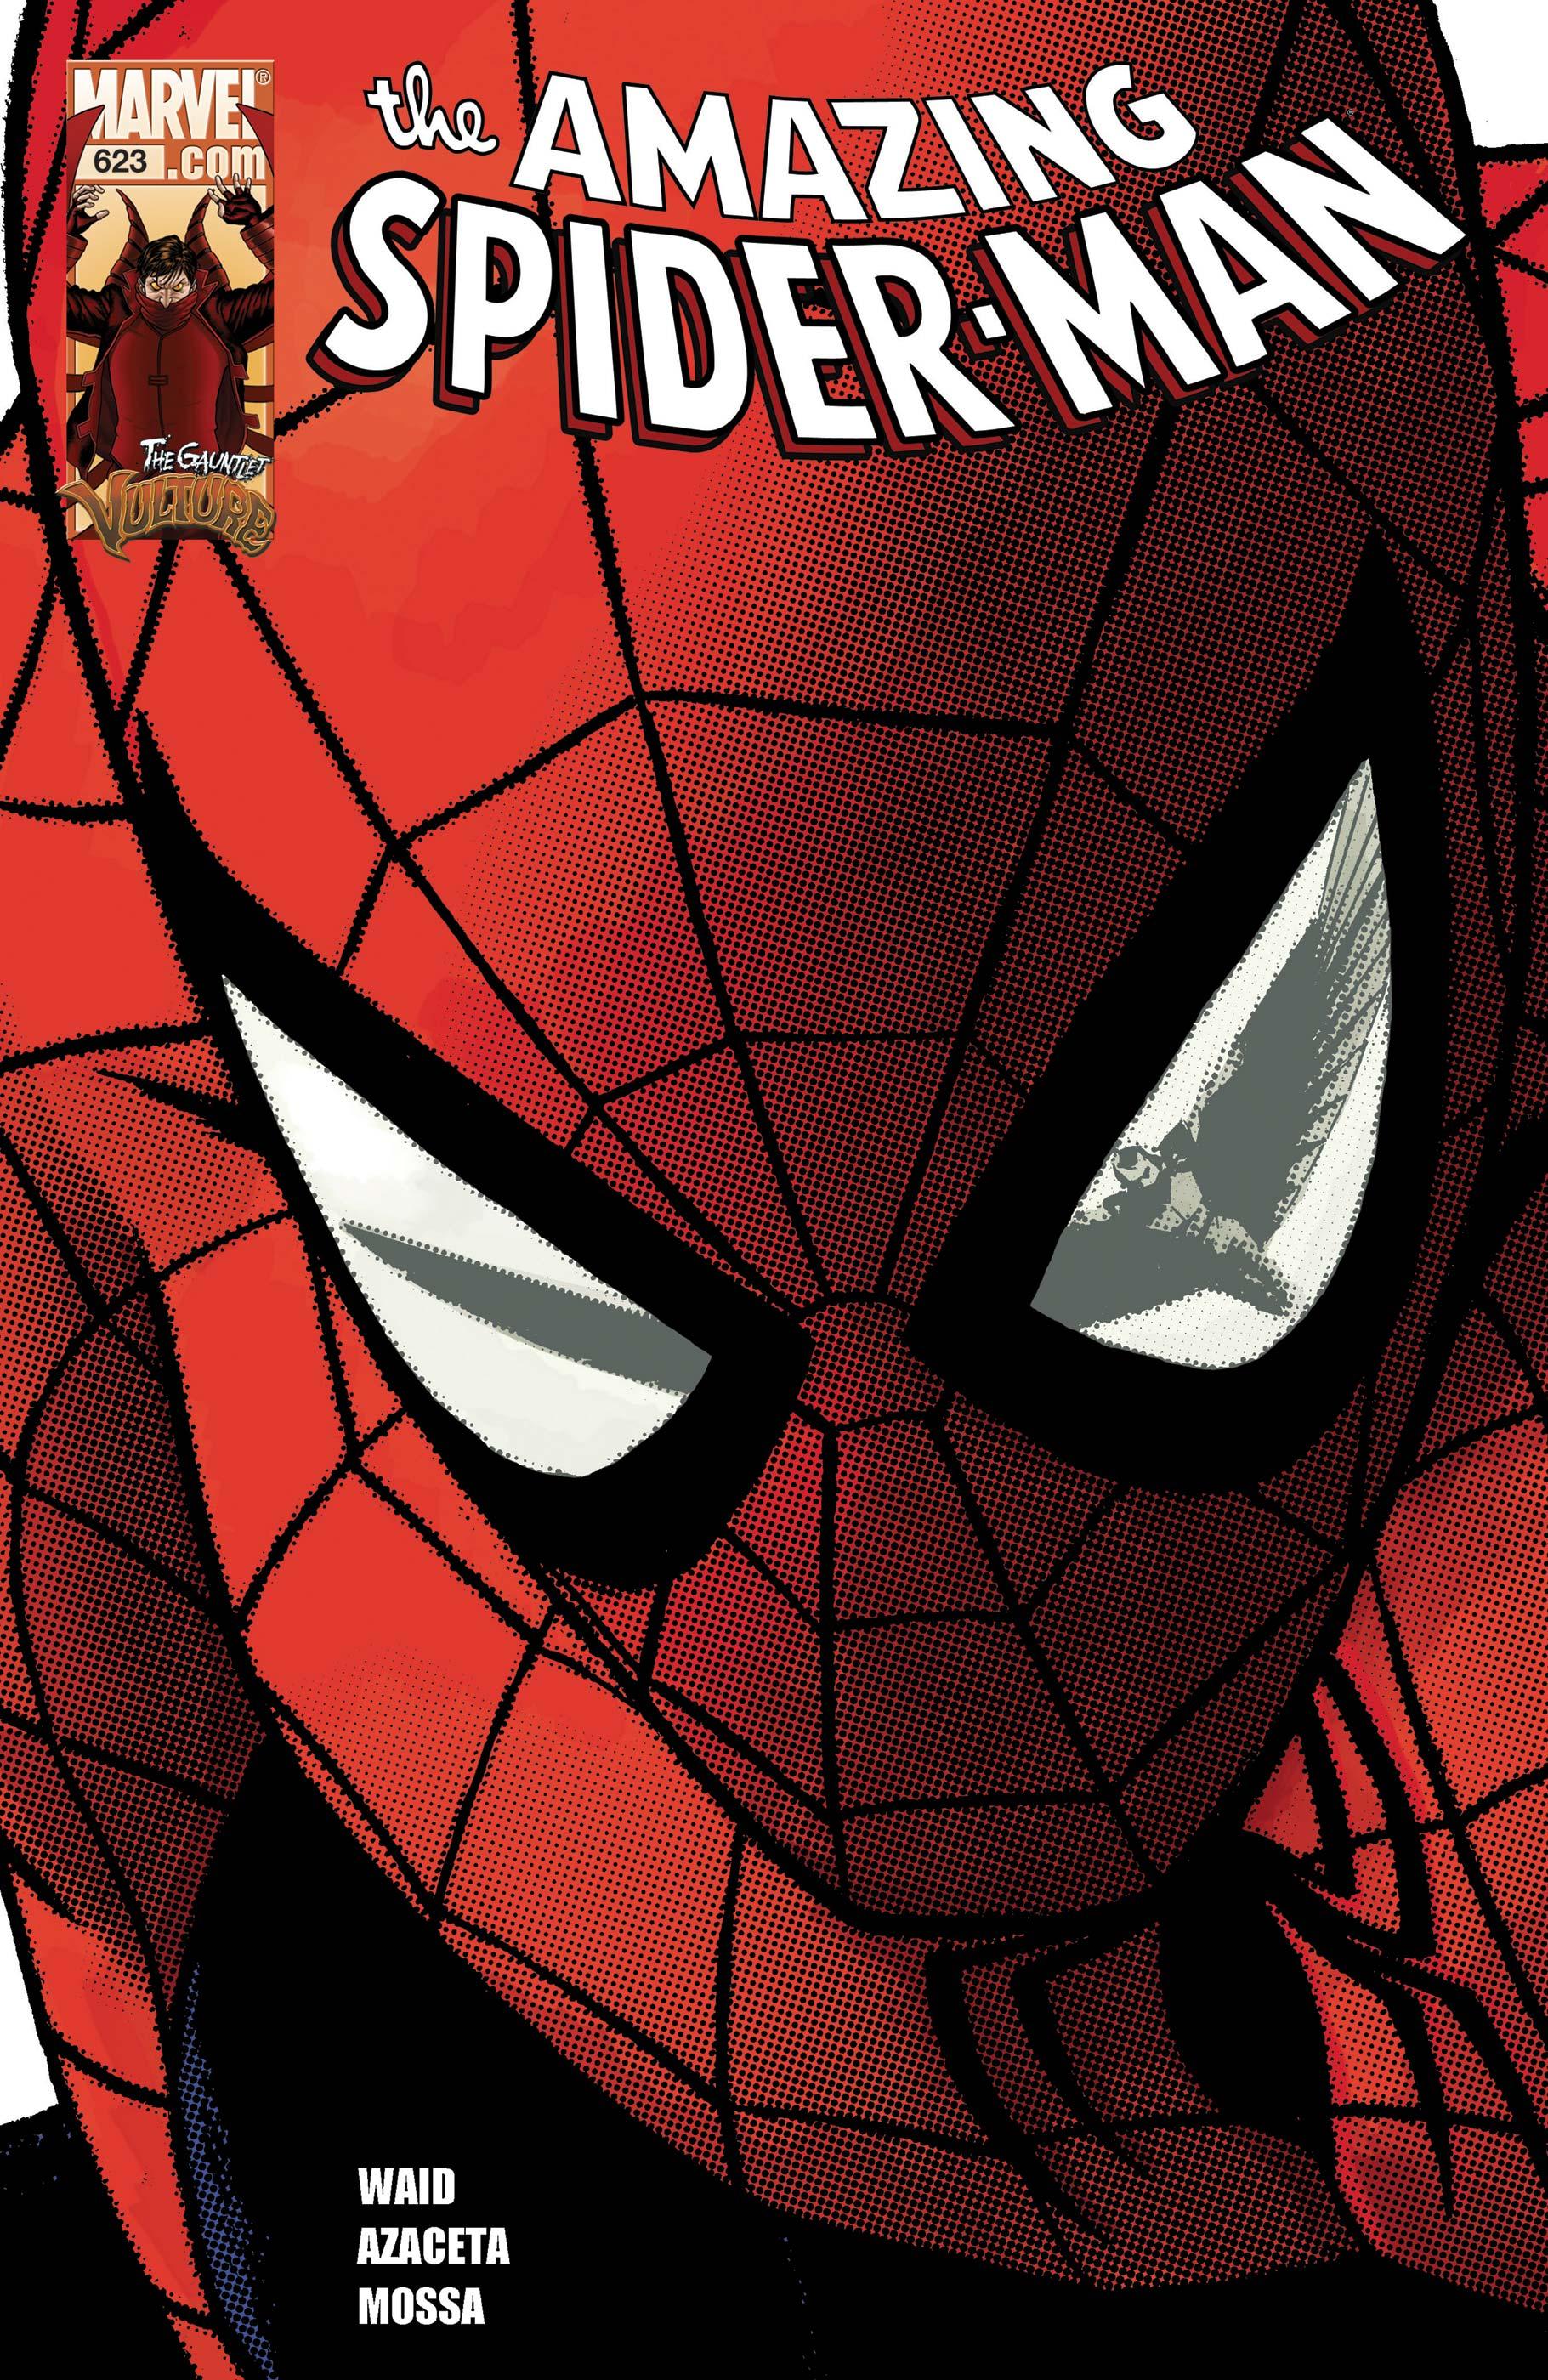 Amazing Spider-Man (1999) #623